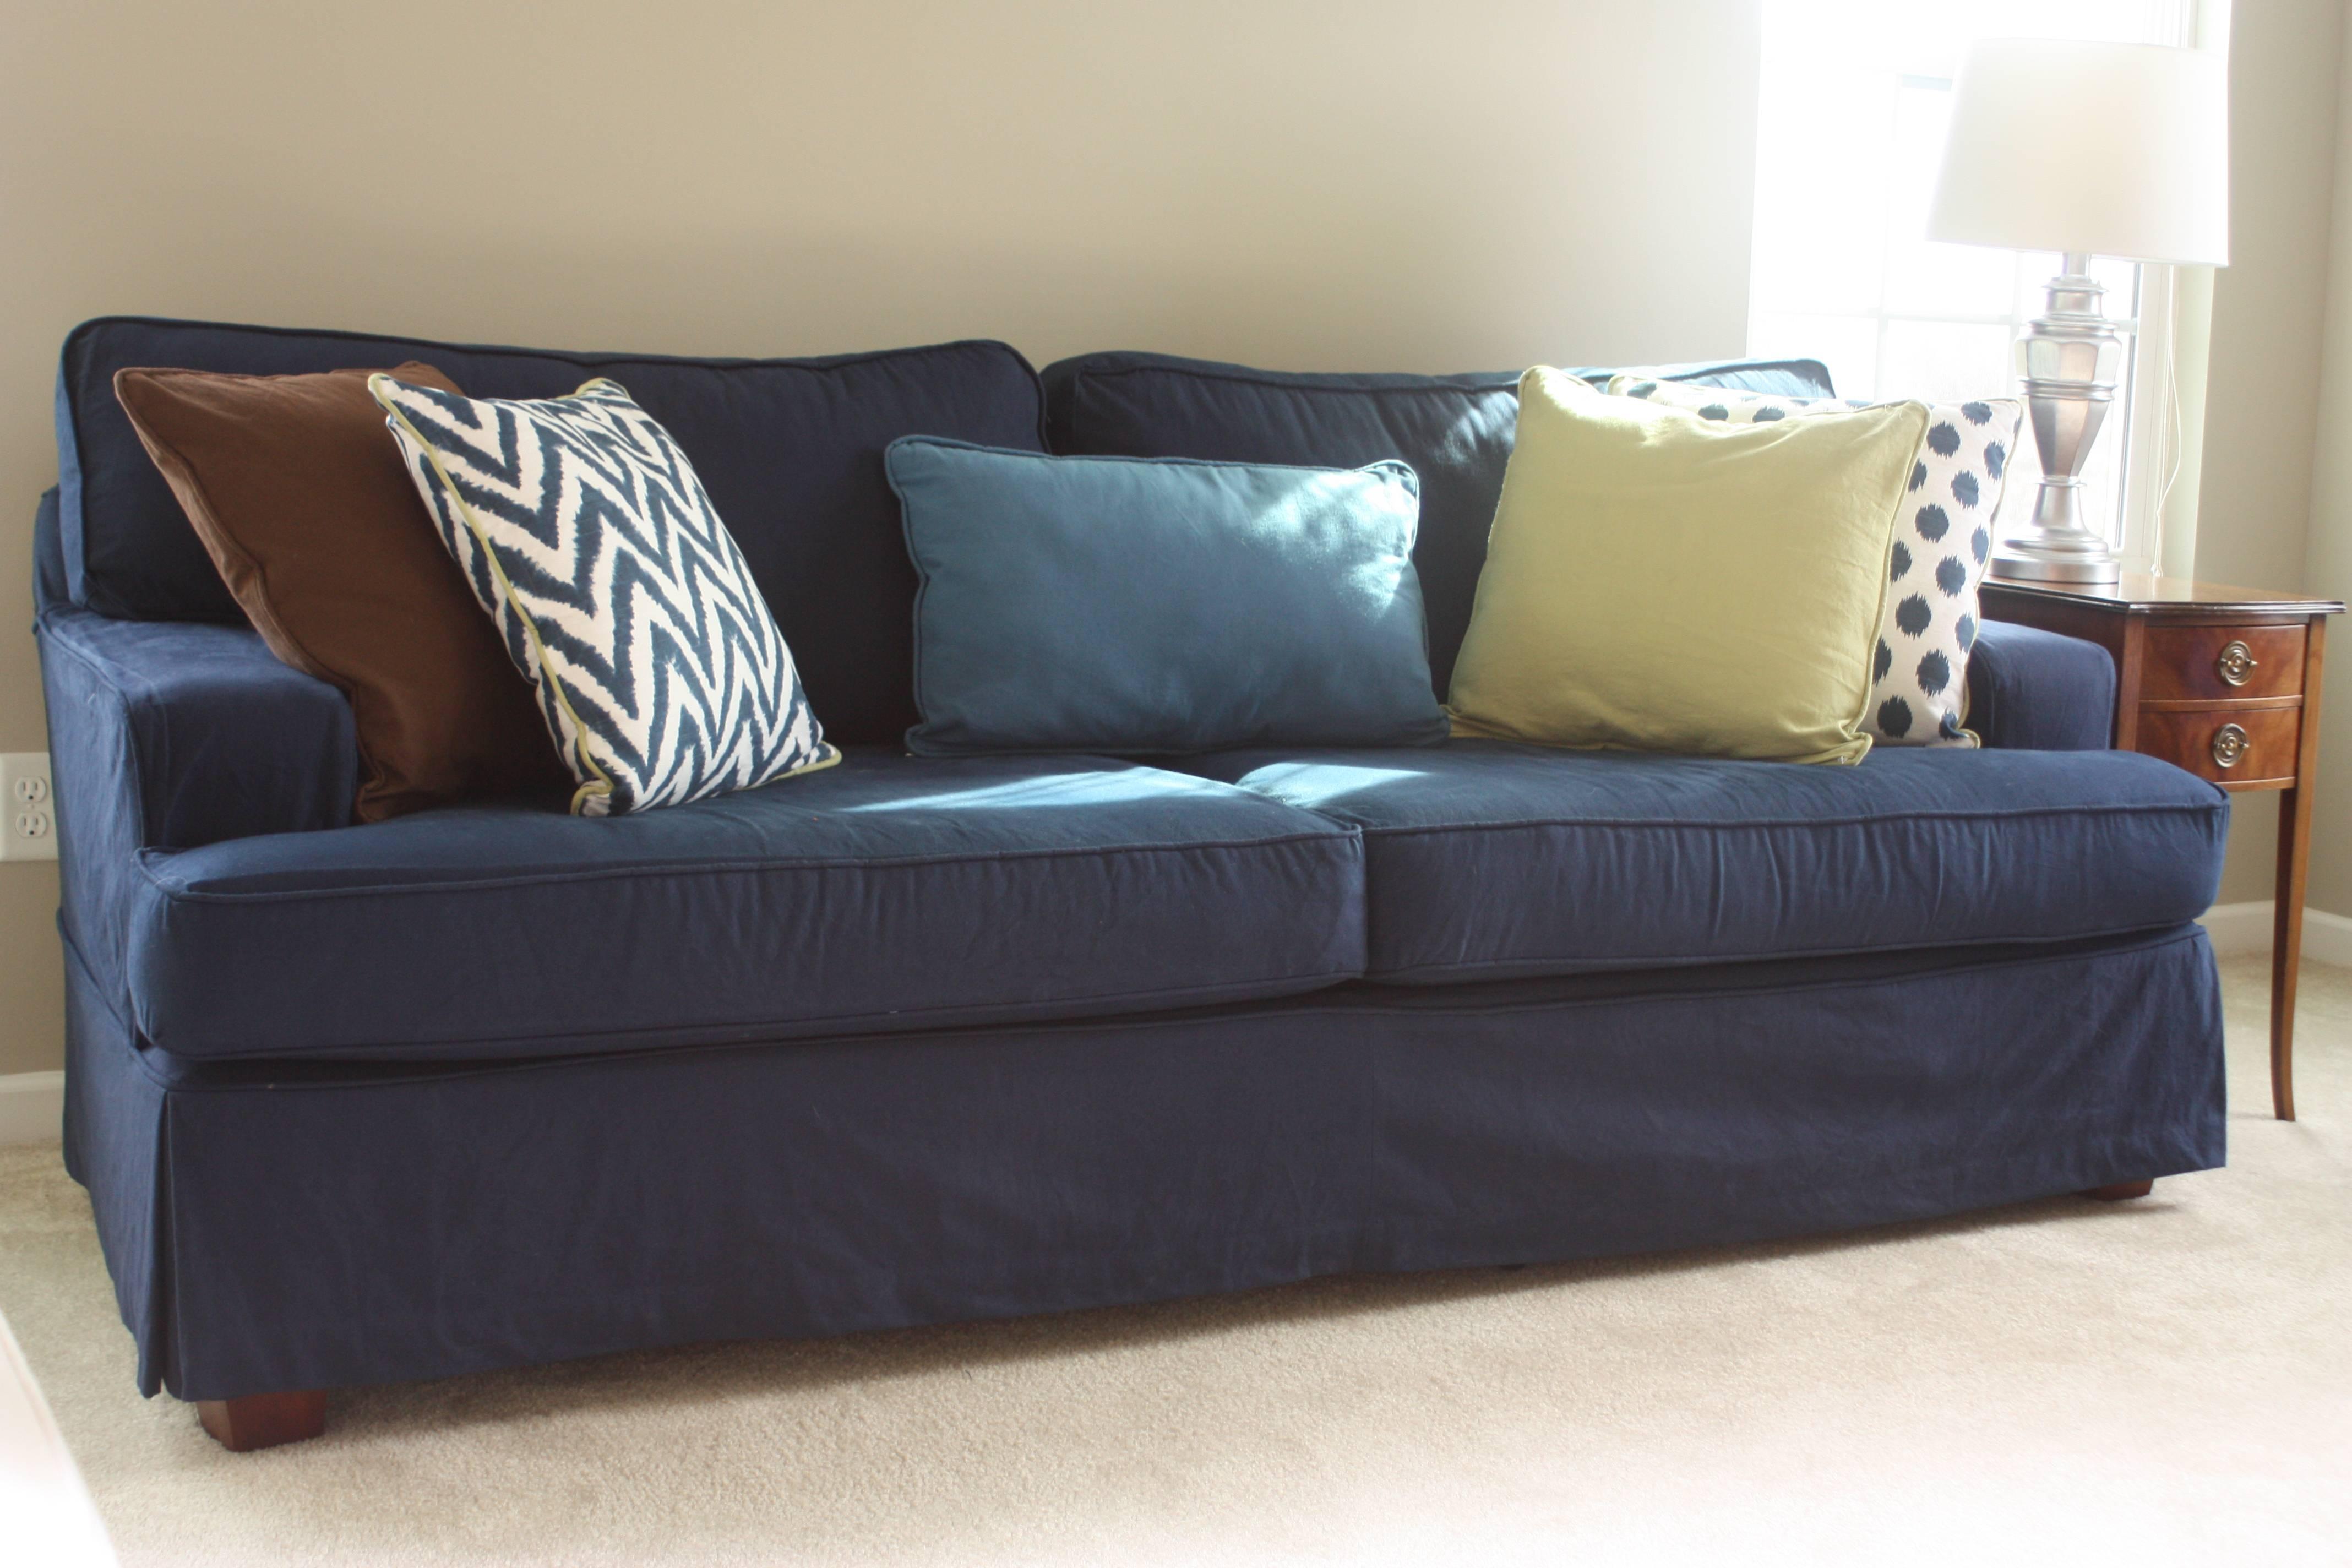 denim sectional sofa slipcovers vs loveseat for sofas inspiration ideas slip